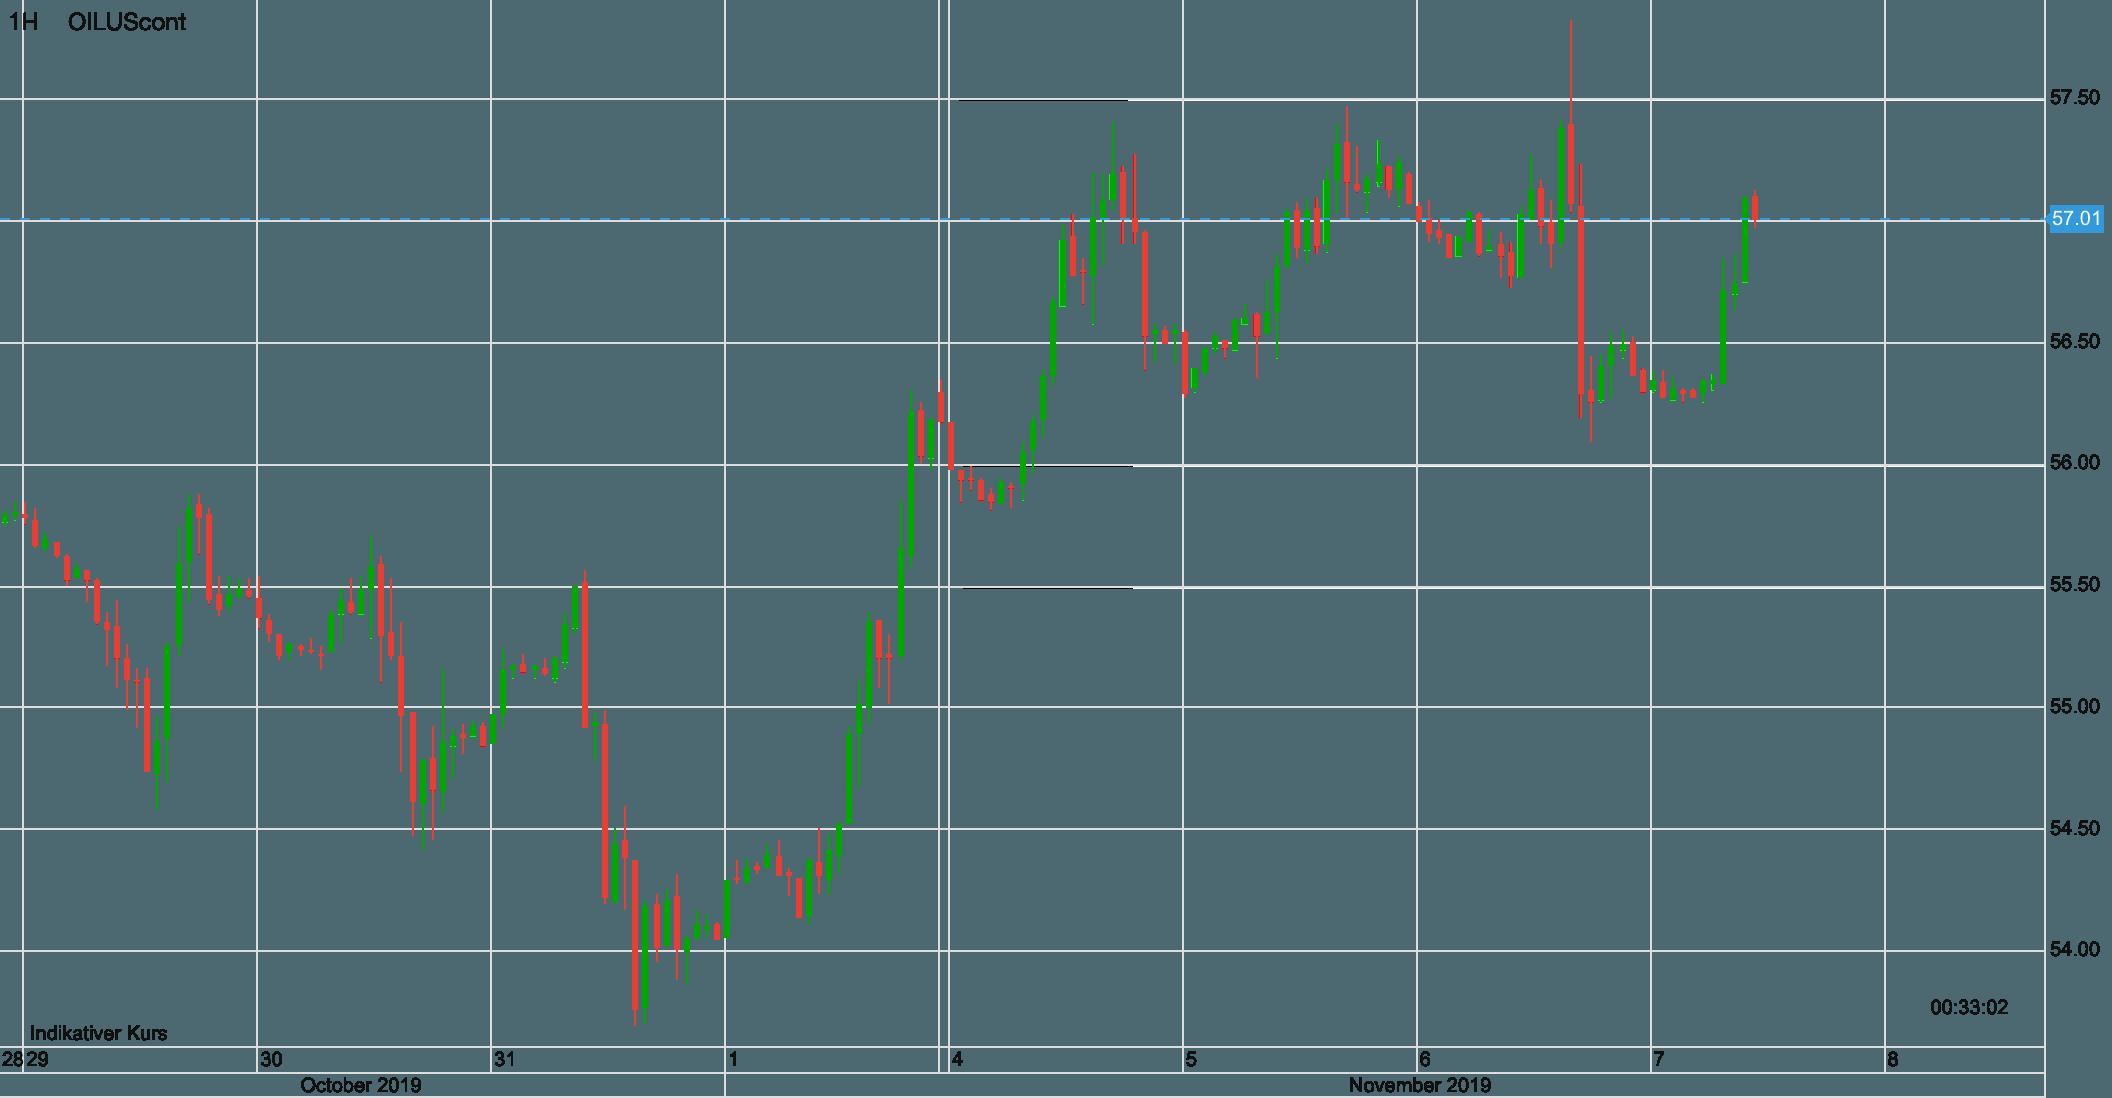 Ölpreis WTI seit dem 28. Oktober